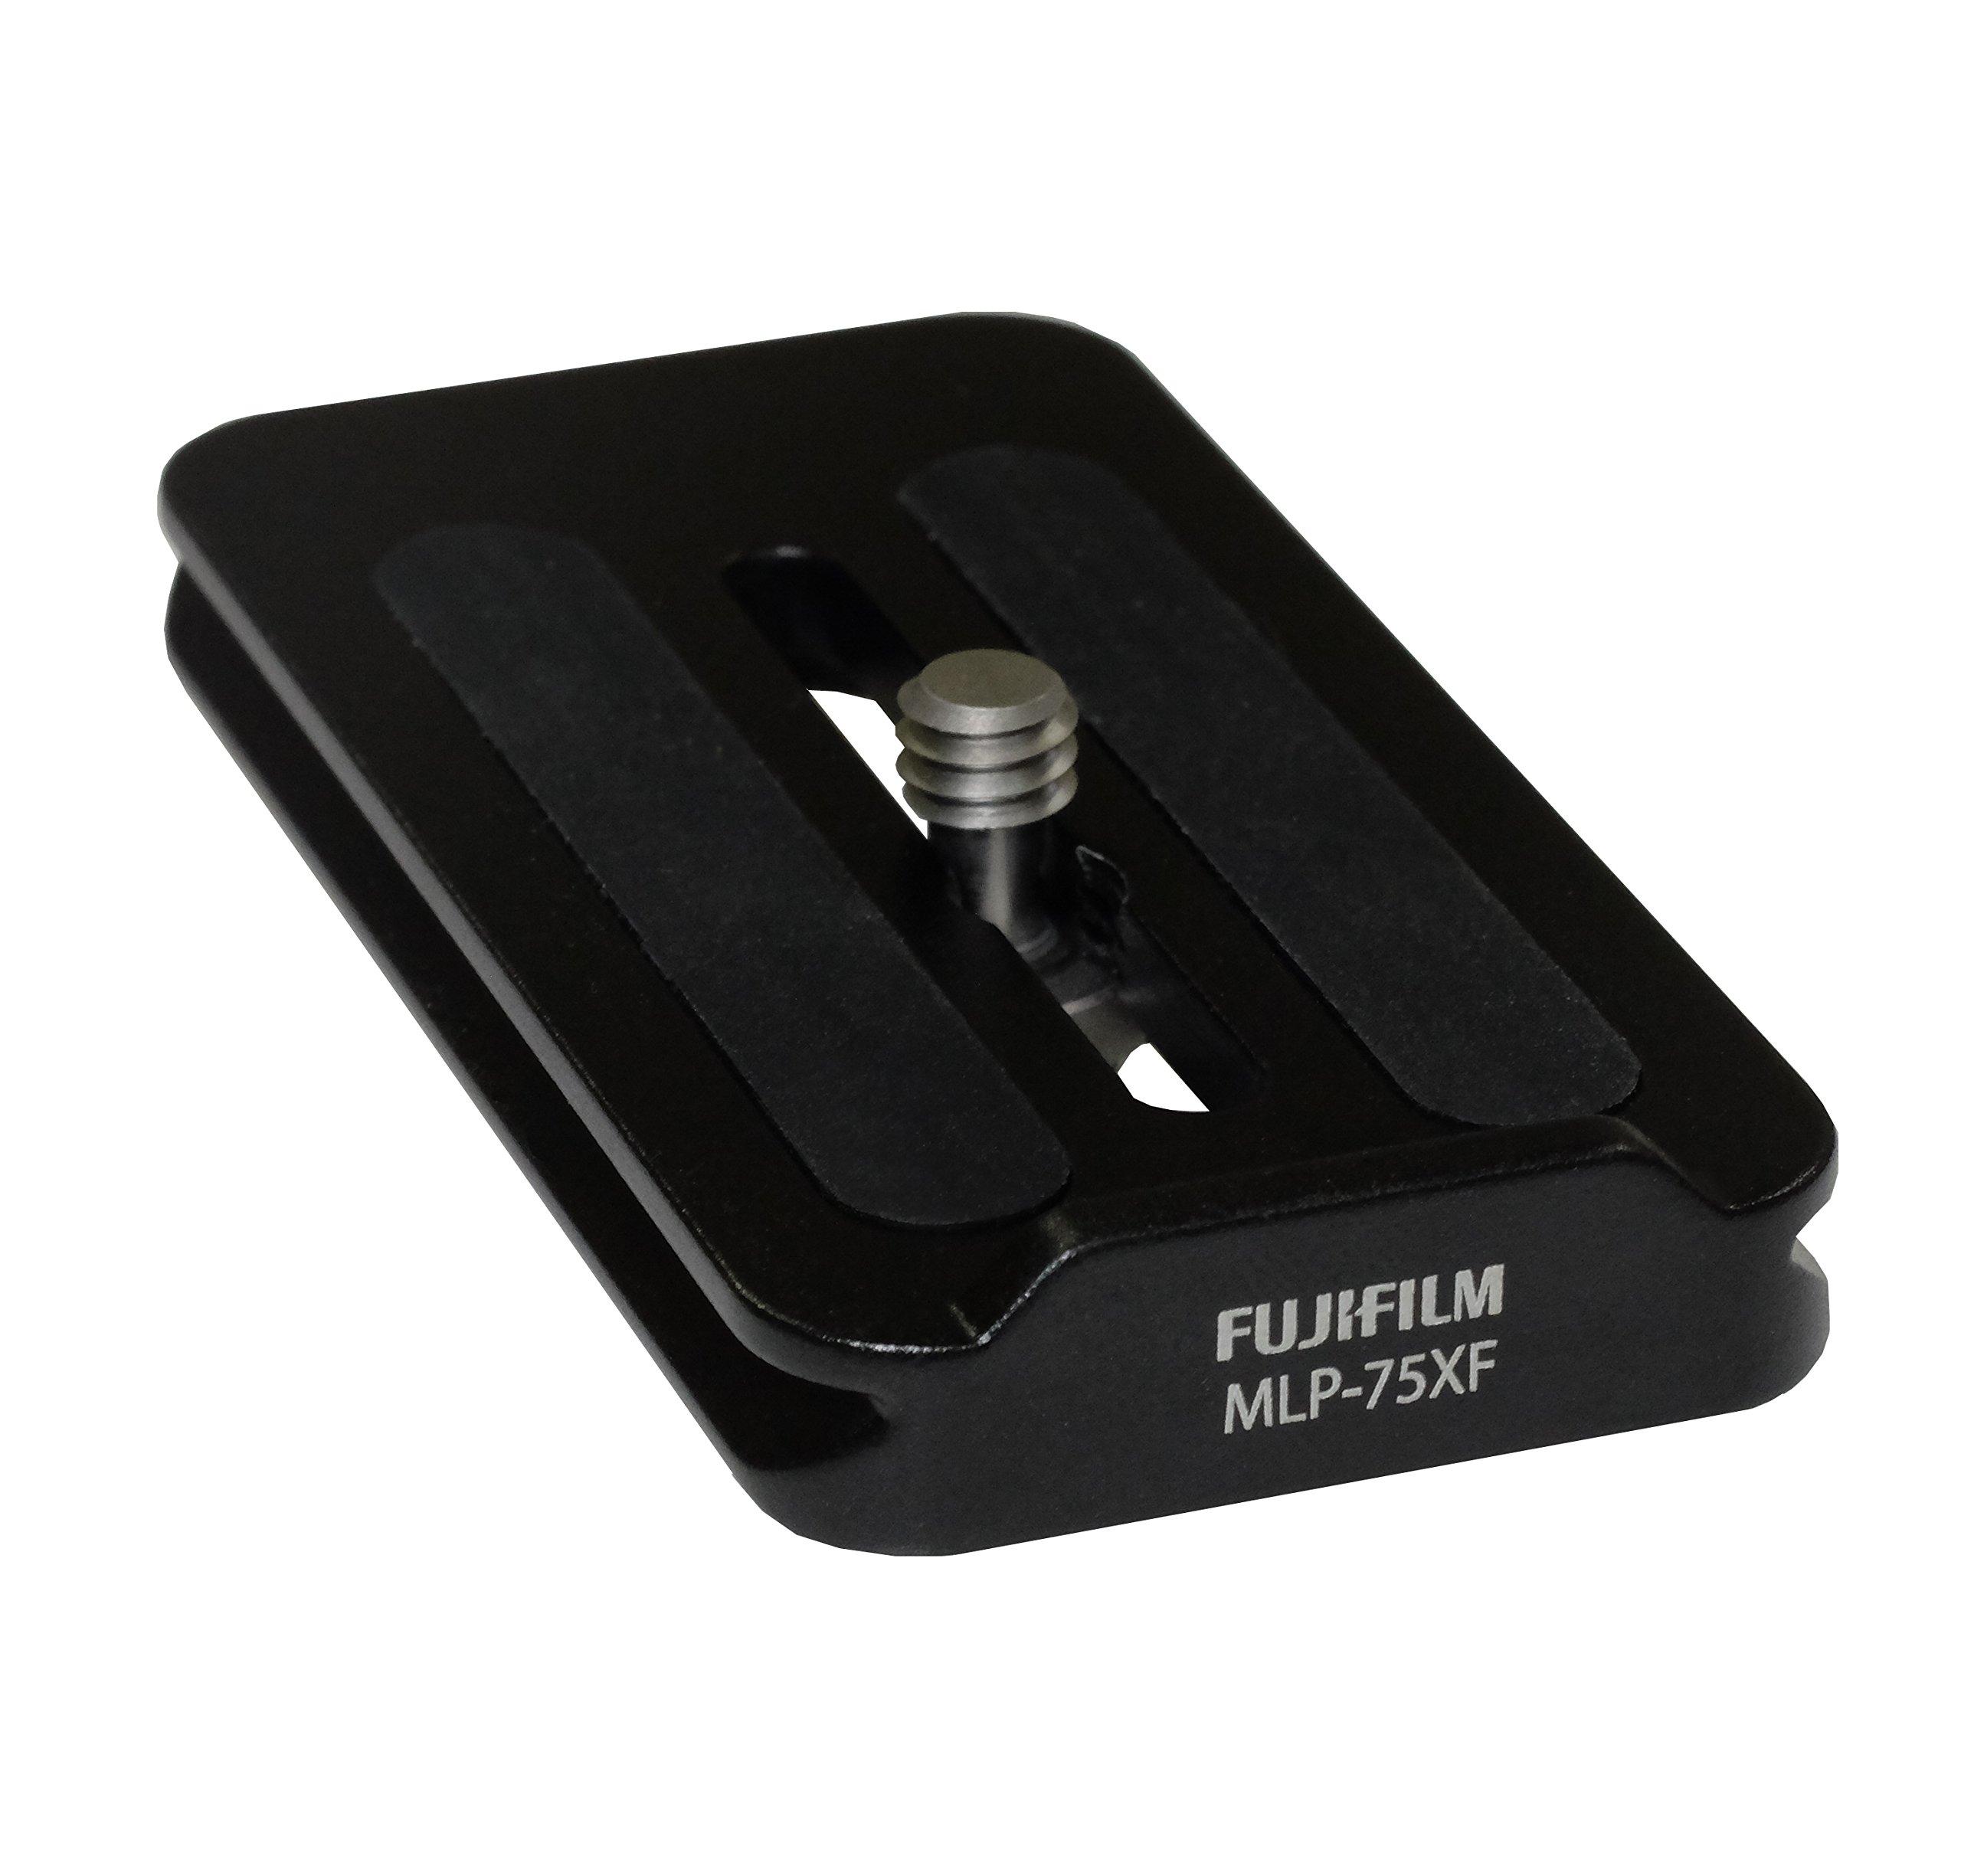 Fujifilm Metal Lens Plate for XF100-400 mm Camera by Fujifilm